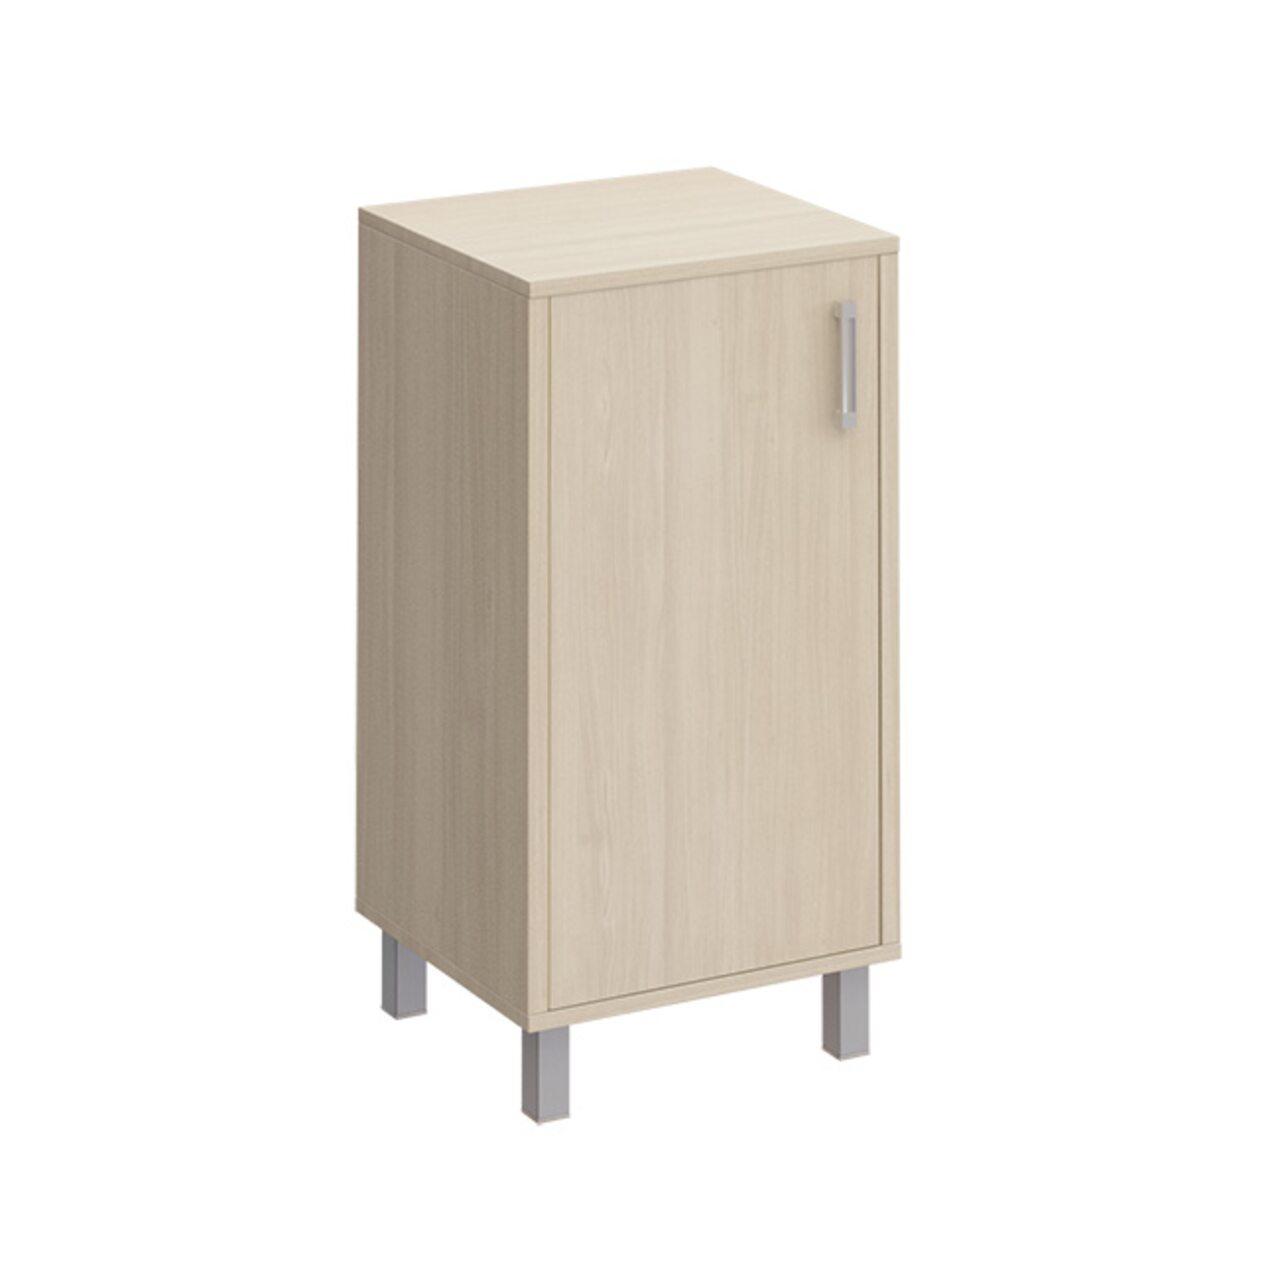 Шкаф для документов низкий универсальный ЛЕВЫЙ, дверь ДСП без замка  БОРН LT 45x48x94 - фото 1